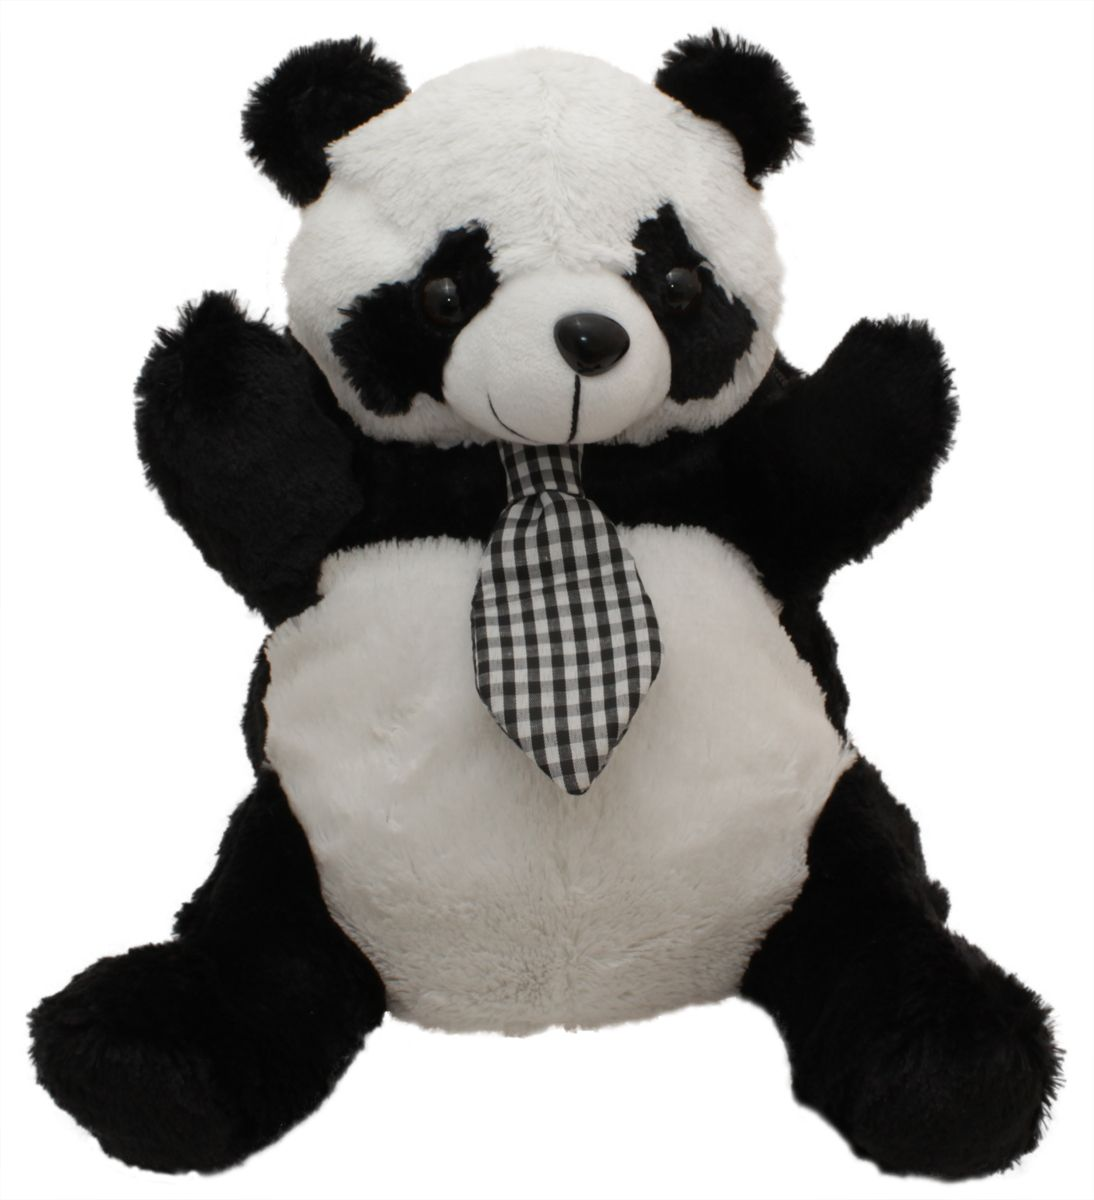 Феникс+ Рюкзак детский Панда цвет черный белый72523WDРазмер: 32 х 20 x 14 см.Материал: мягкий полиэстер.Внутренняя подкладка.